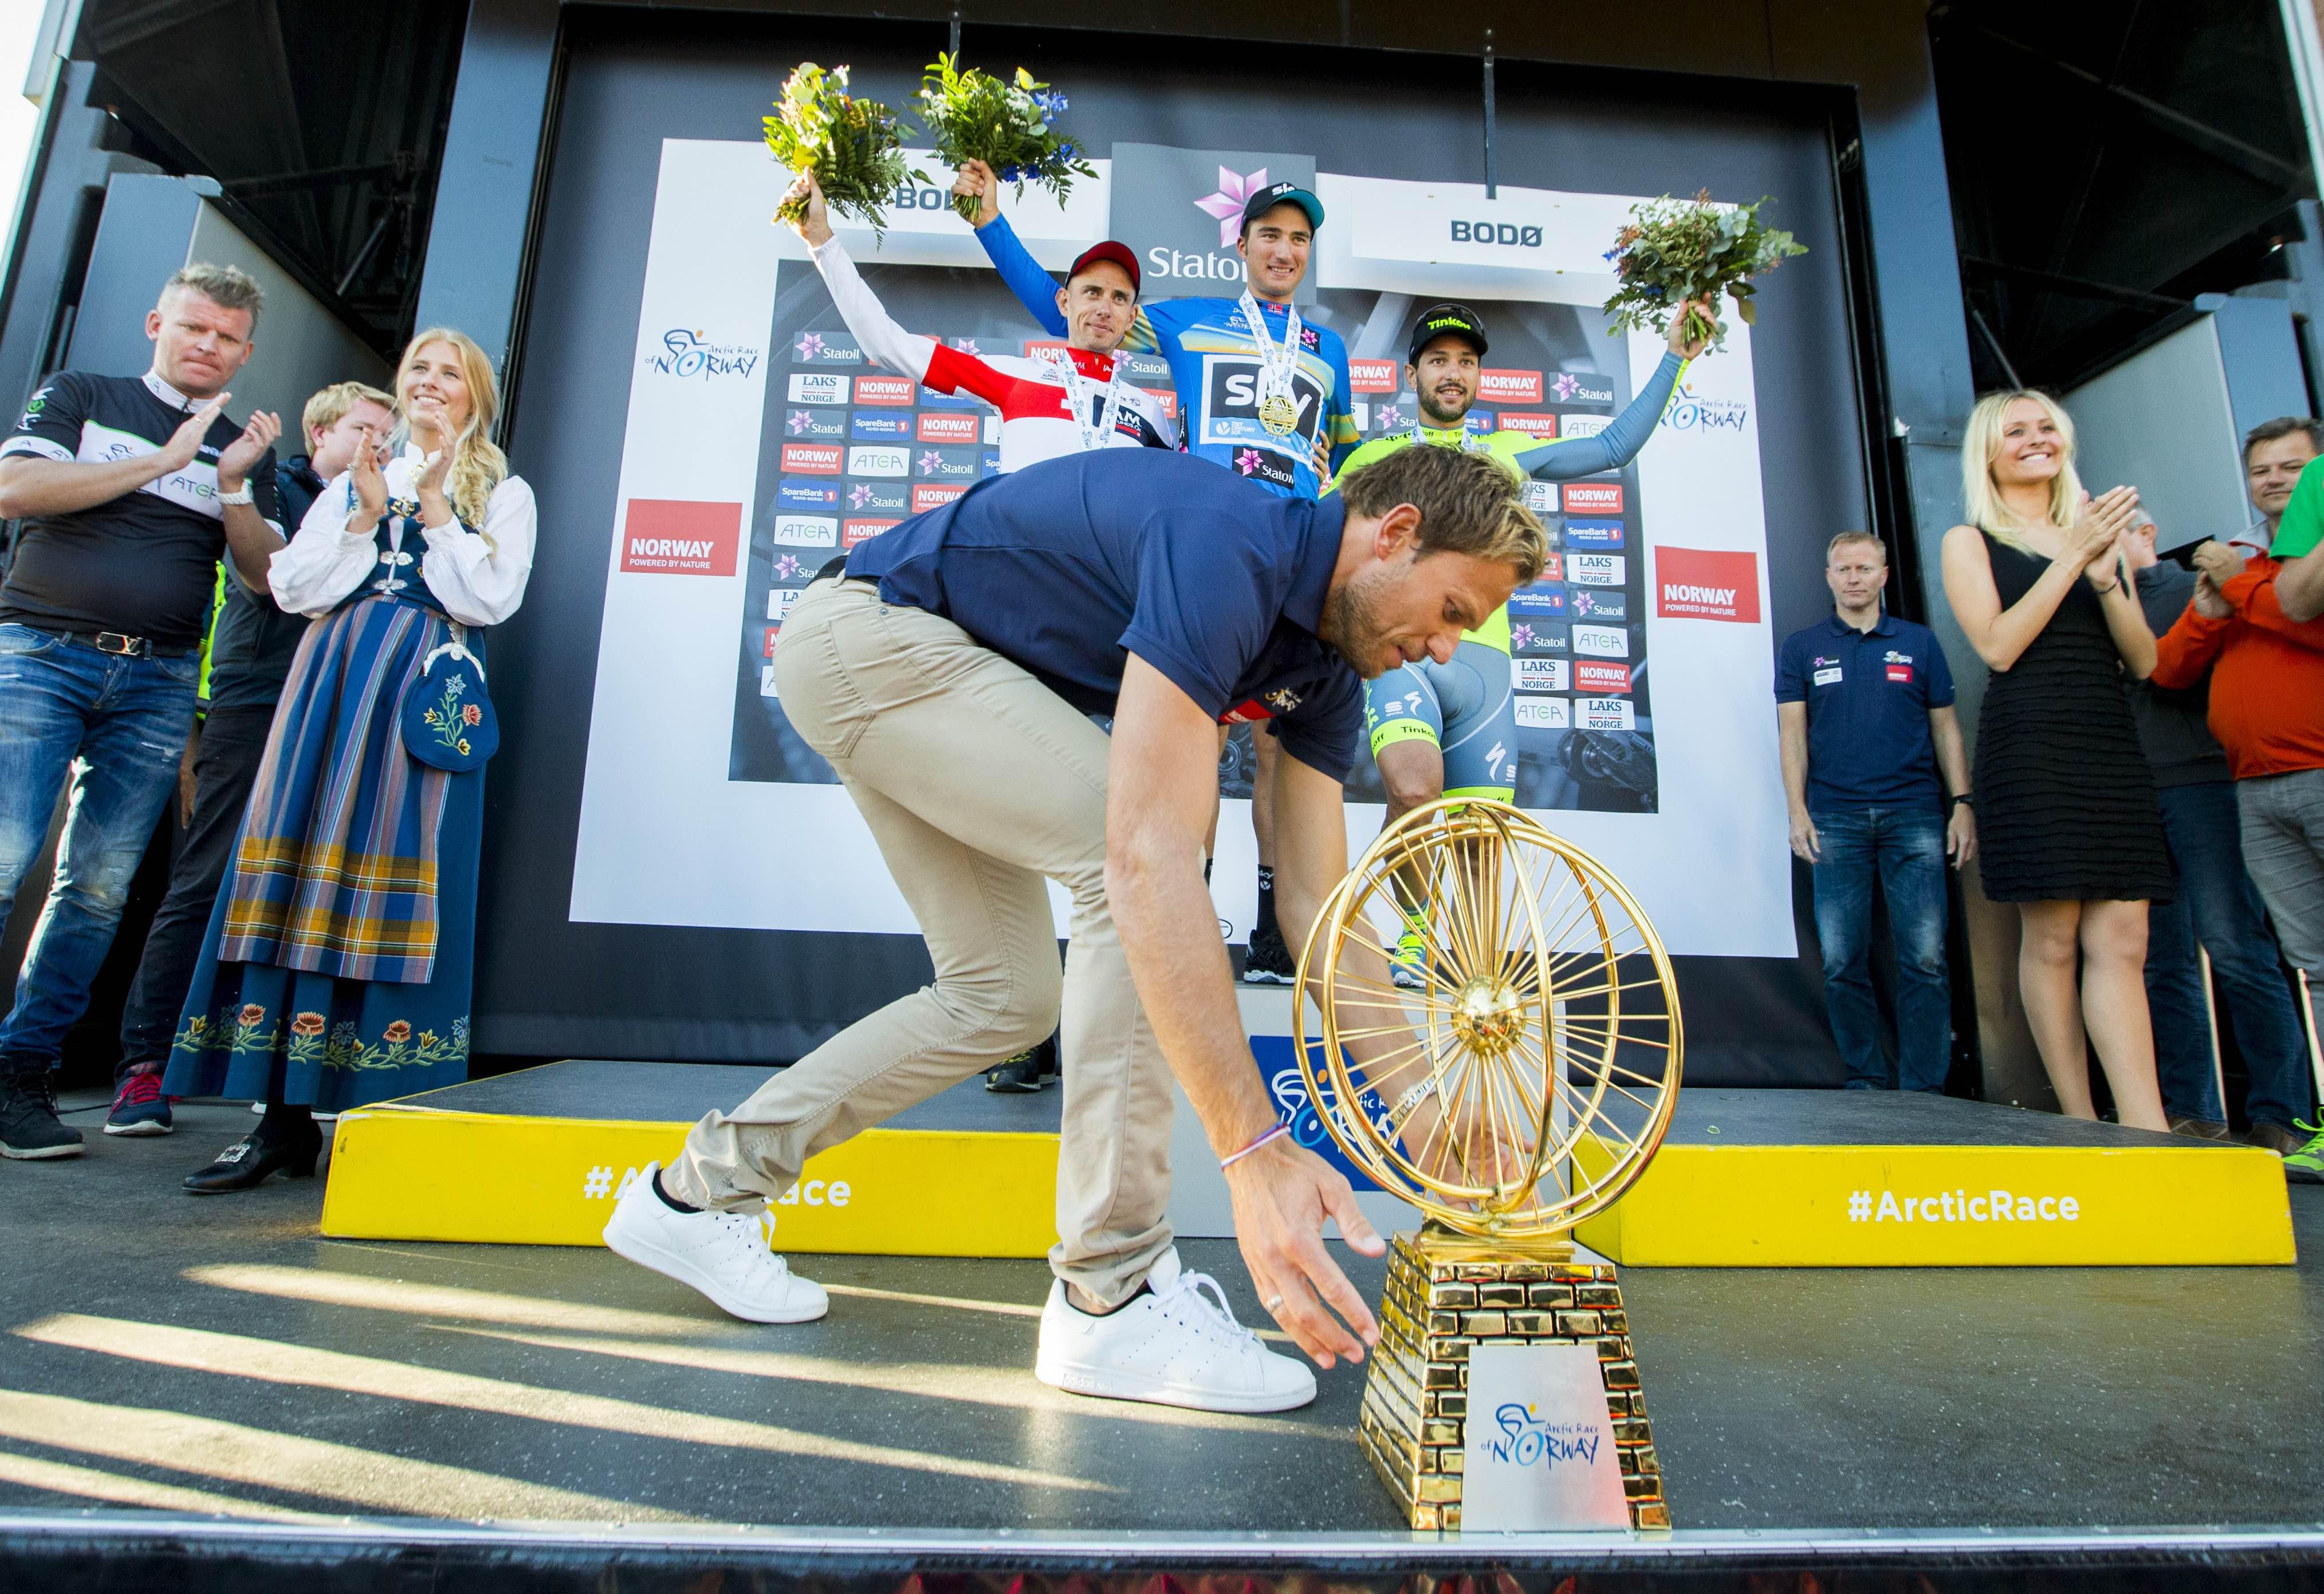 Thor Hushovd, ambassad¯r og tidligere vinner av Arctic Race of Norway, plukker opp sammenlagttrofeet for gi det til Gianni Moscon fra Italia (Team Sky) etter fjerde og siste etappe i sykkelrittet Arctic Race of Norway s¯ndag.